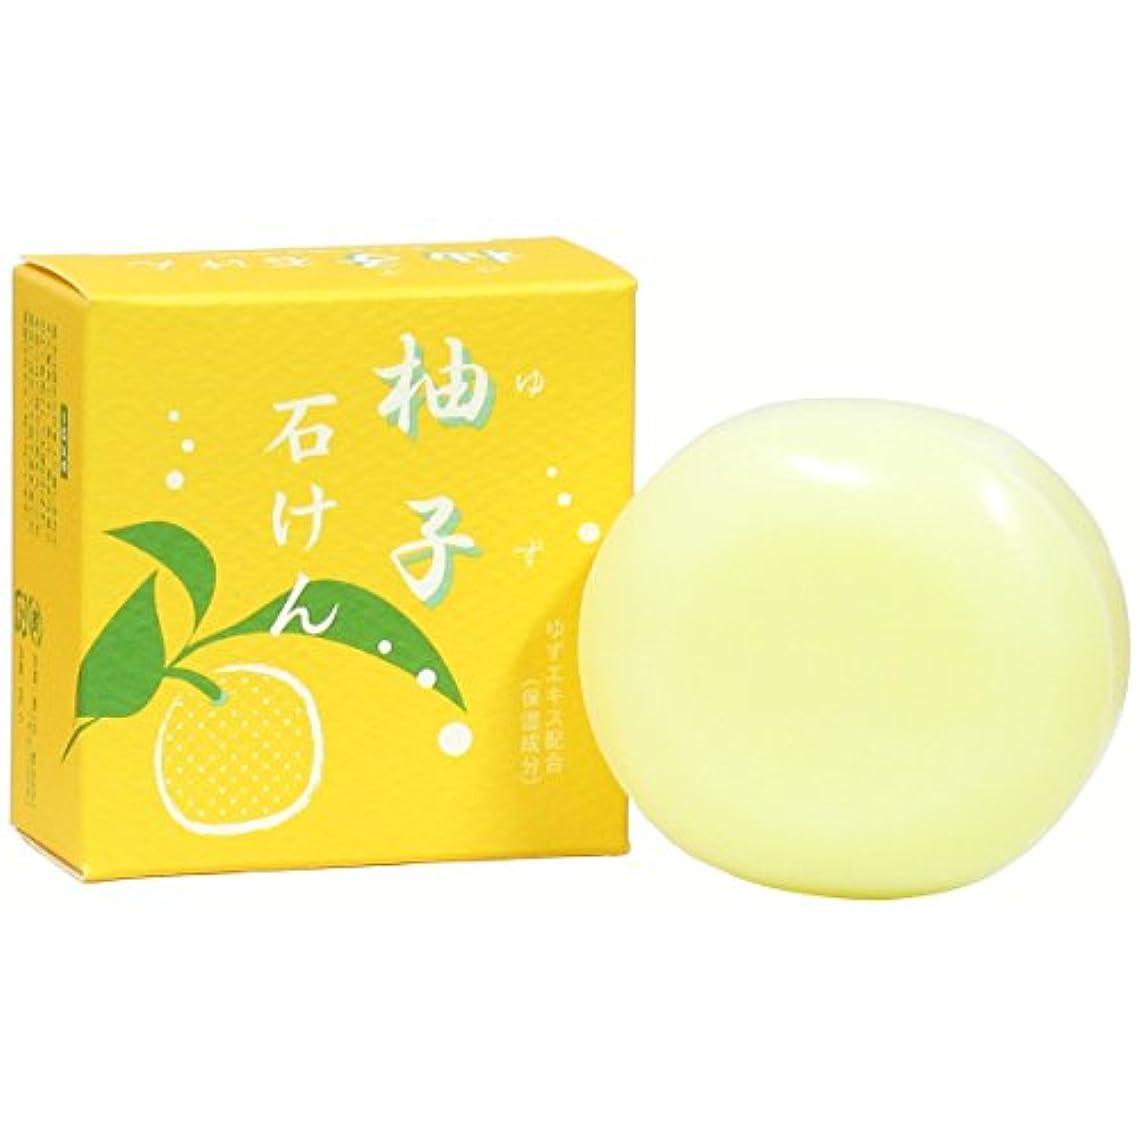 ゆず石鹸100g ユズ 柚子 石けん せっけん セッケン